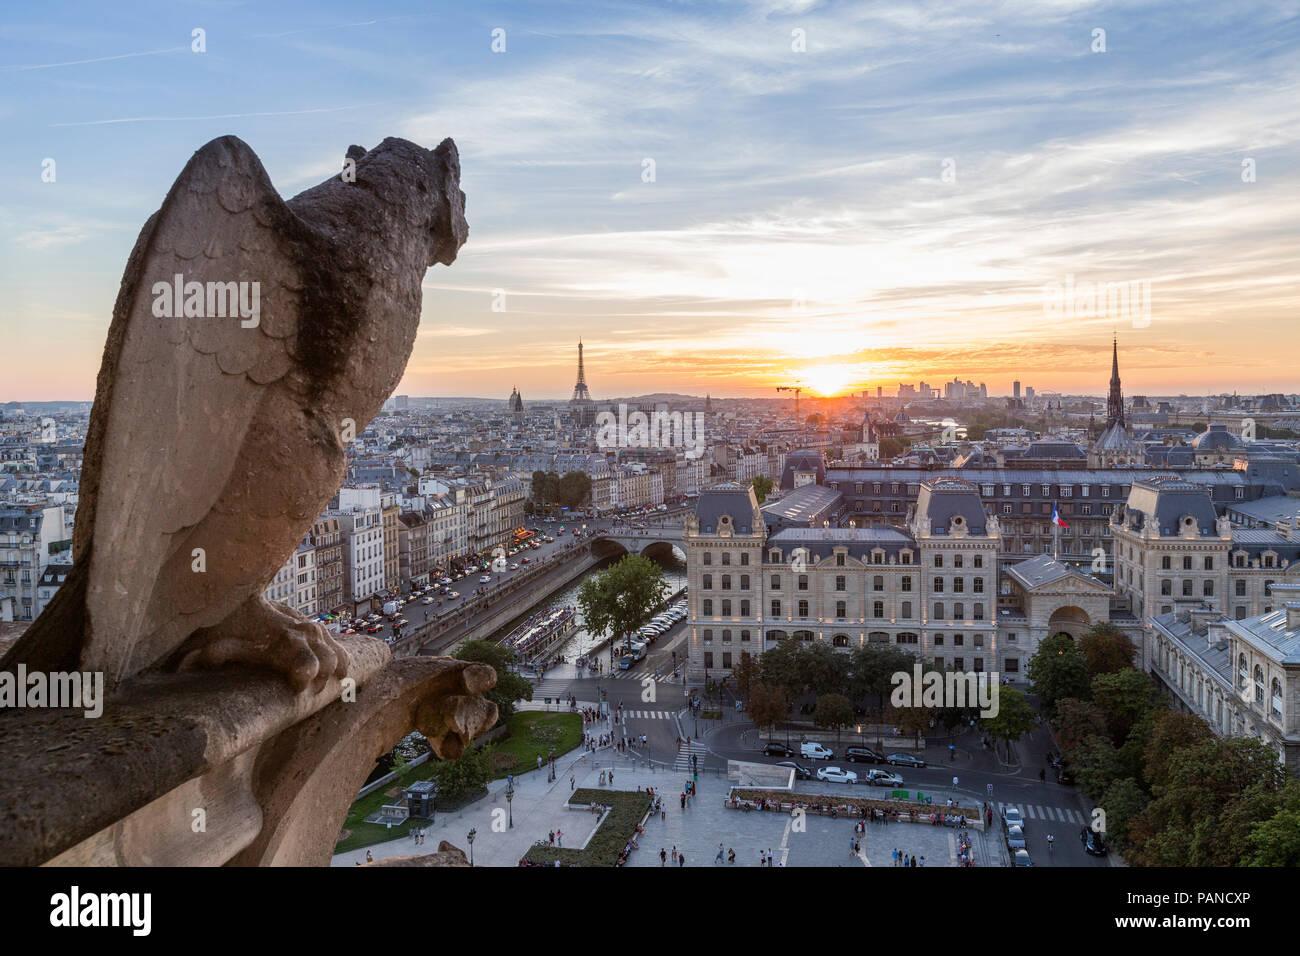 France, Paris, View from Notre Dame de Paris, city view at sunset - Stock Image